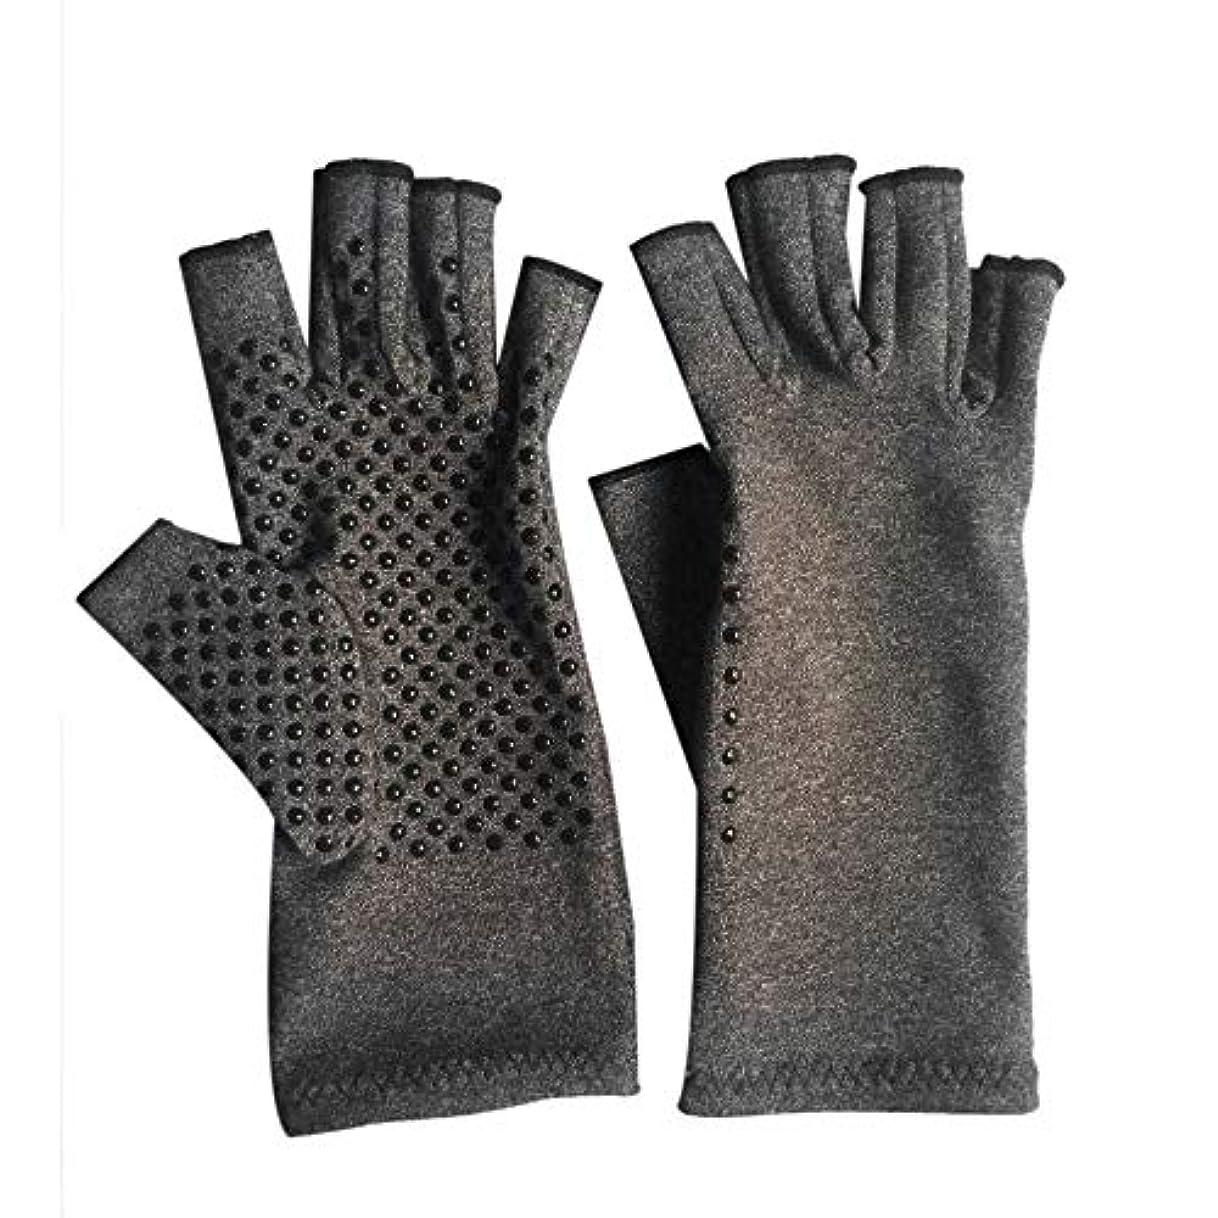 シャッター勤勉なキッチン1ペアユニセックス男性女性療法圧縮手袋関節炎関節痛緩和ヘルスケア半指手袋トレーニング手袋 - グレーM